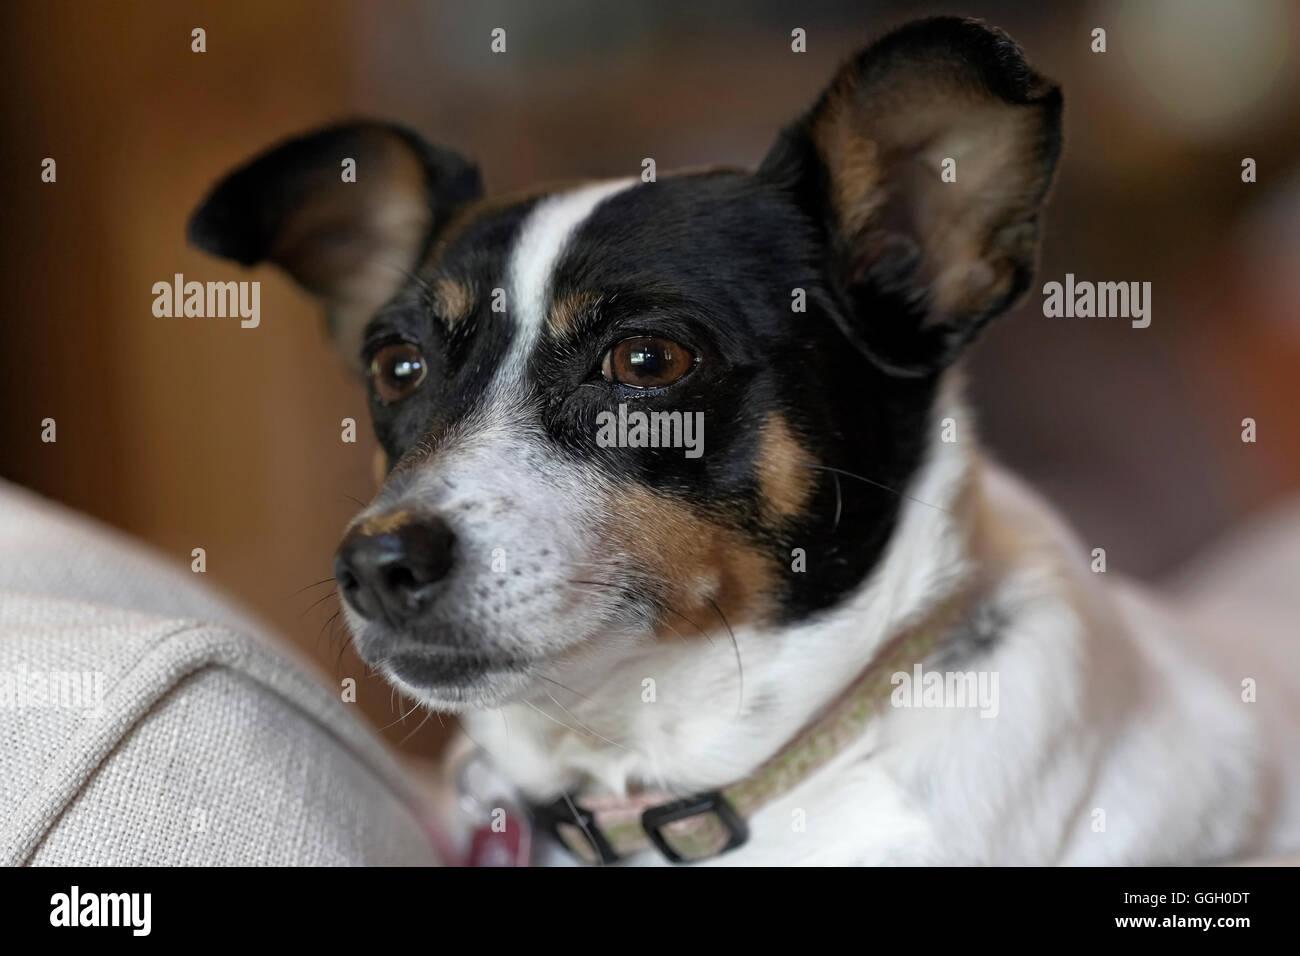 Rat Terrier perro en sofá mirando por la ventana. Perro blanco y negro. Imagen De Stock